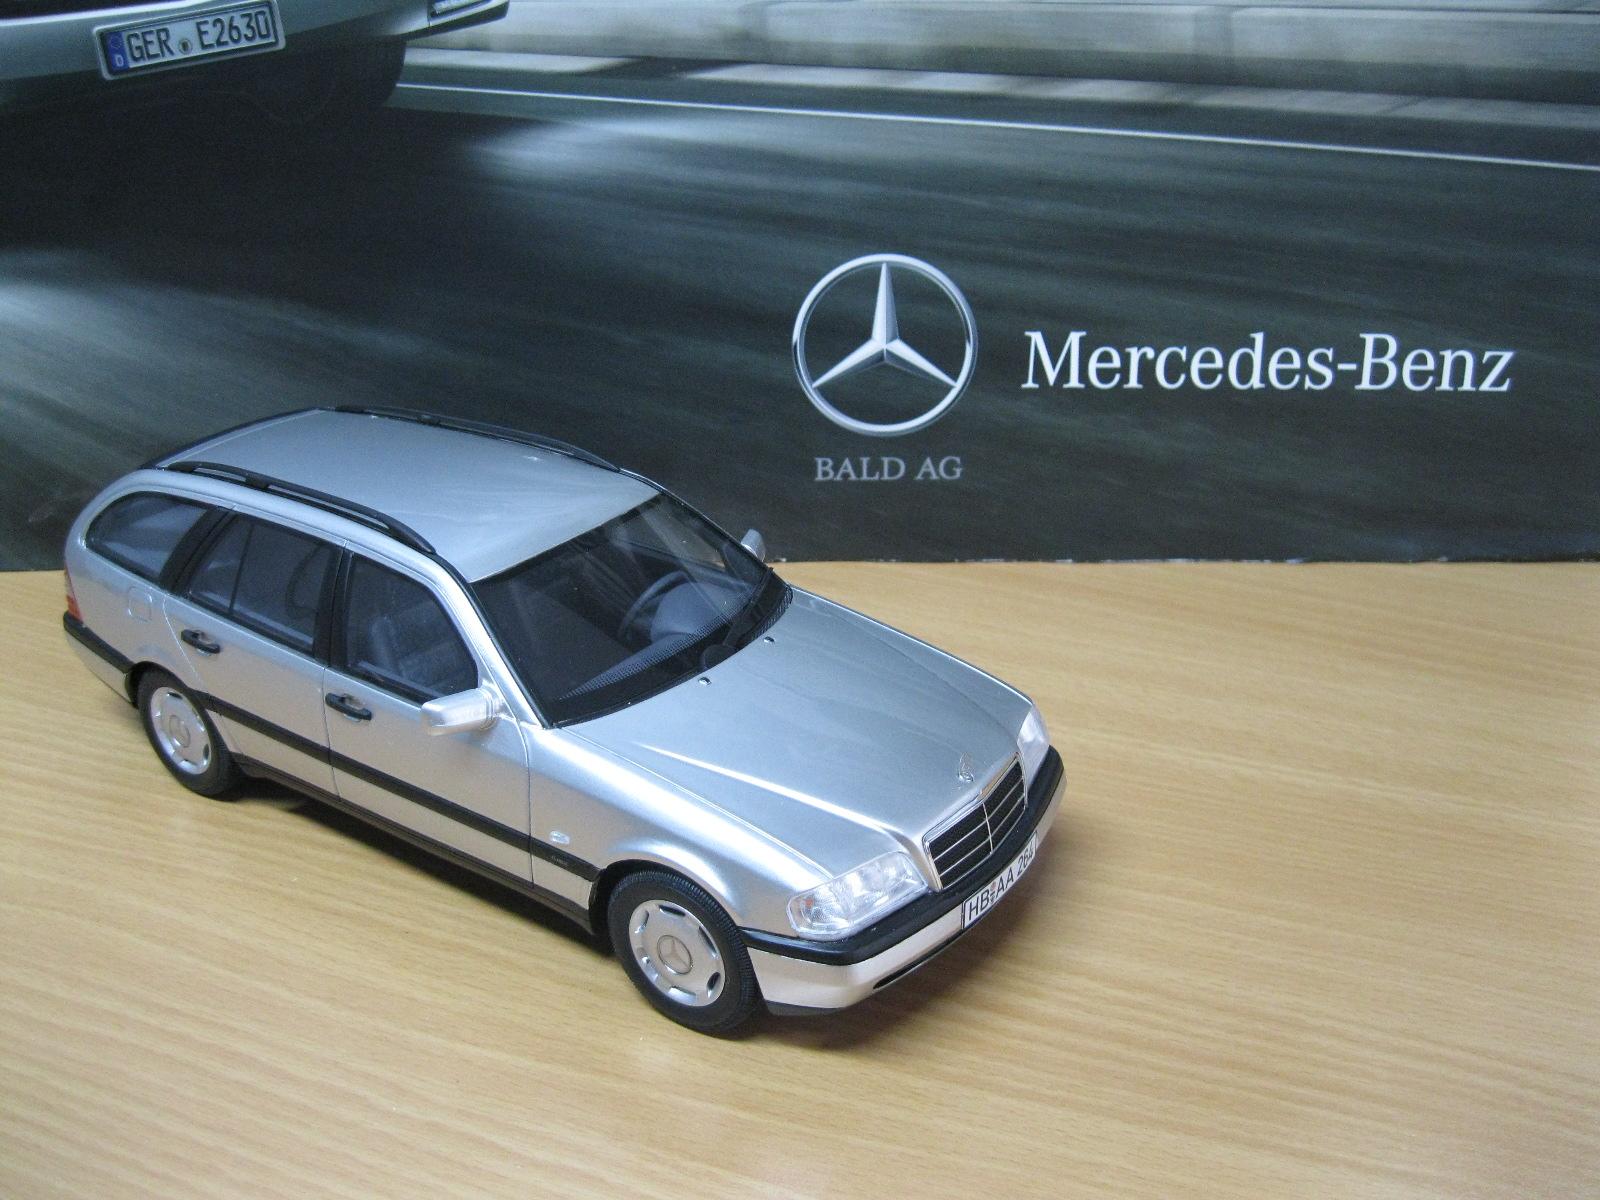 mercedes benz c220 t modell s202 silber 1 18 bos models ebay. Black Bedroom Furniture Sets. Home Design Ideas